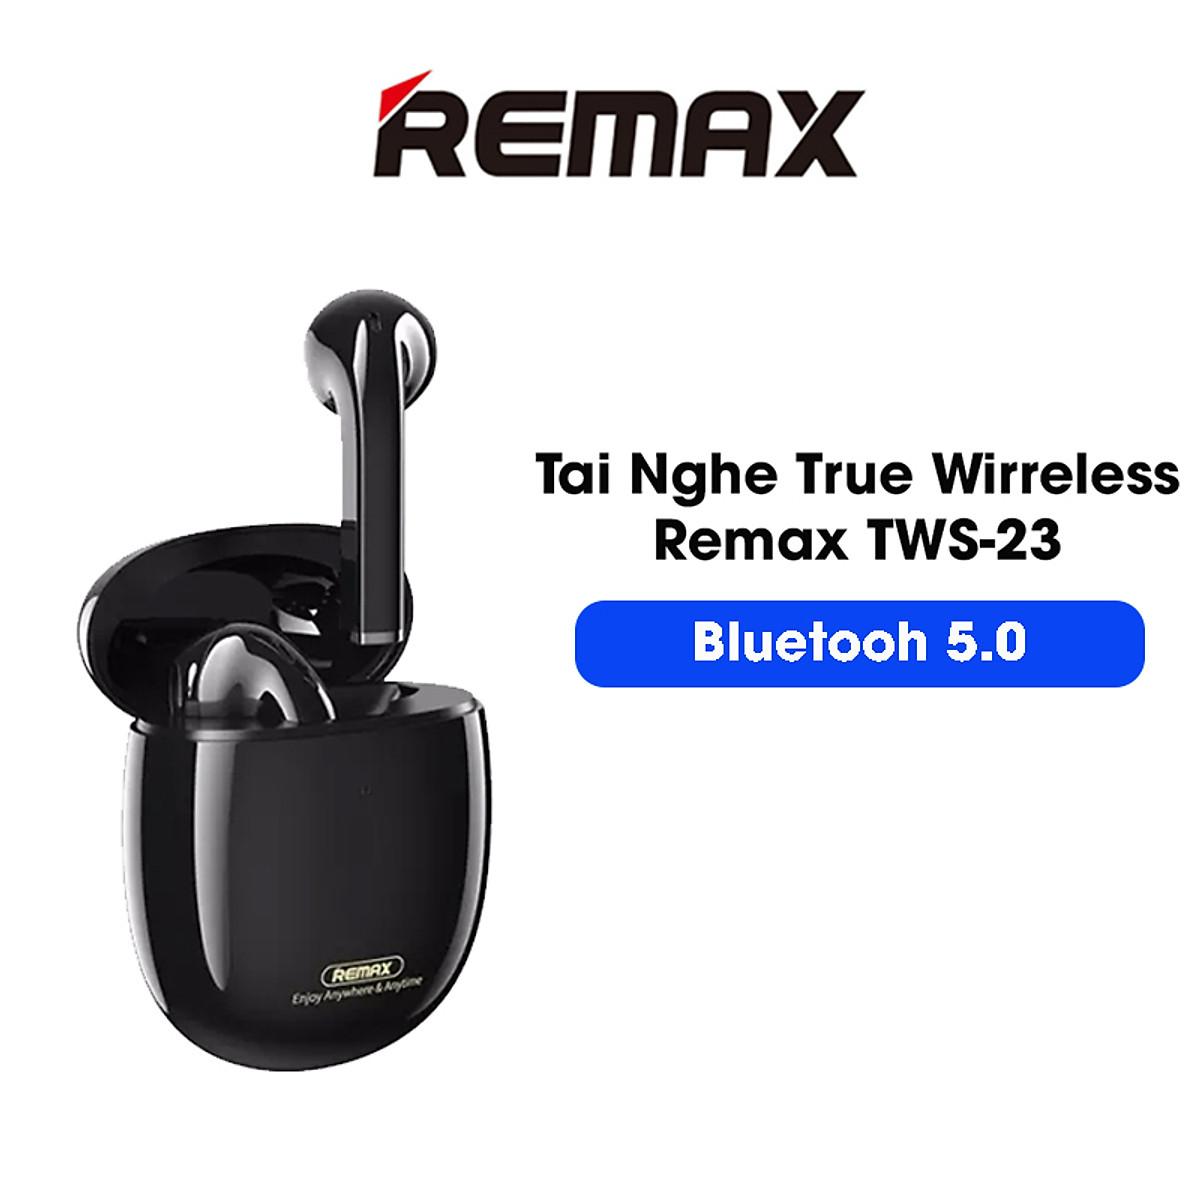 Hàng chính hãng) Tai nghe Bluetooth Remax TWS-23 Bluetooth 5.0, phạm vi kết  nối 10m, âm bass cực hay | Baseus Viet Nam